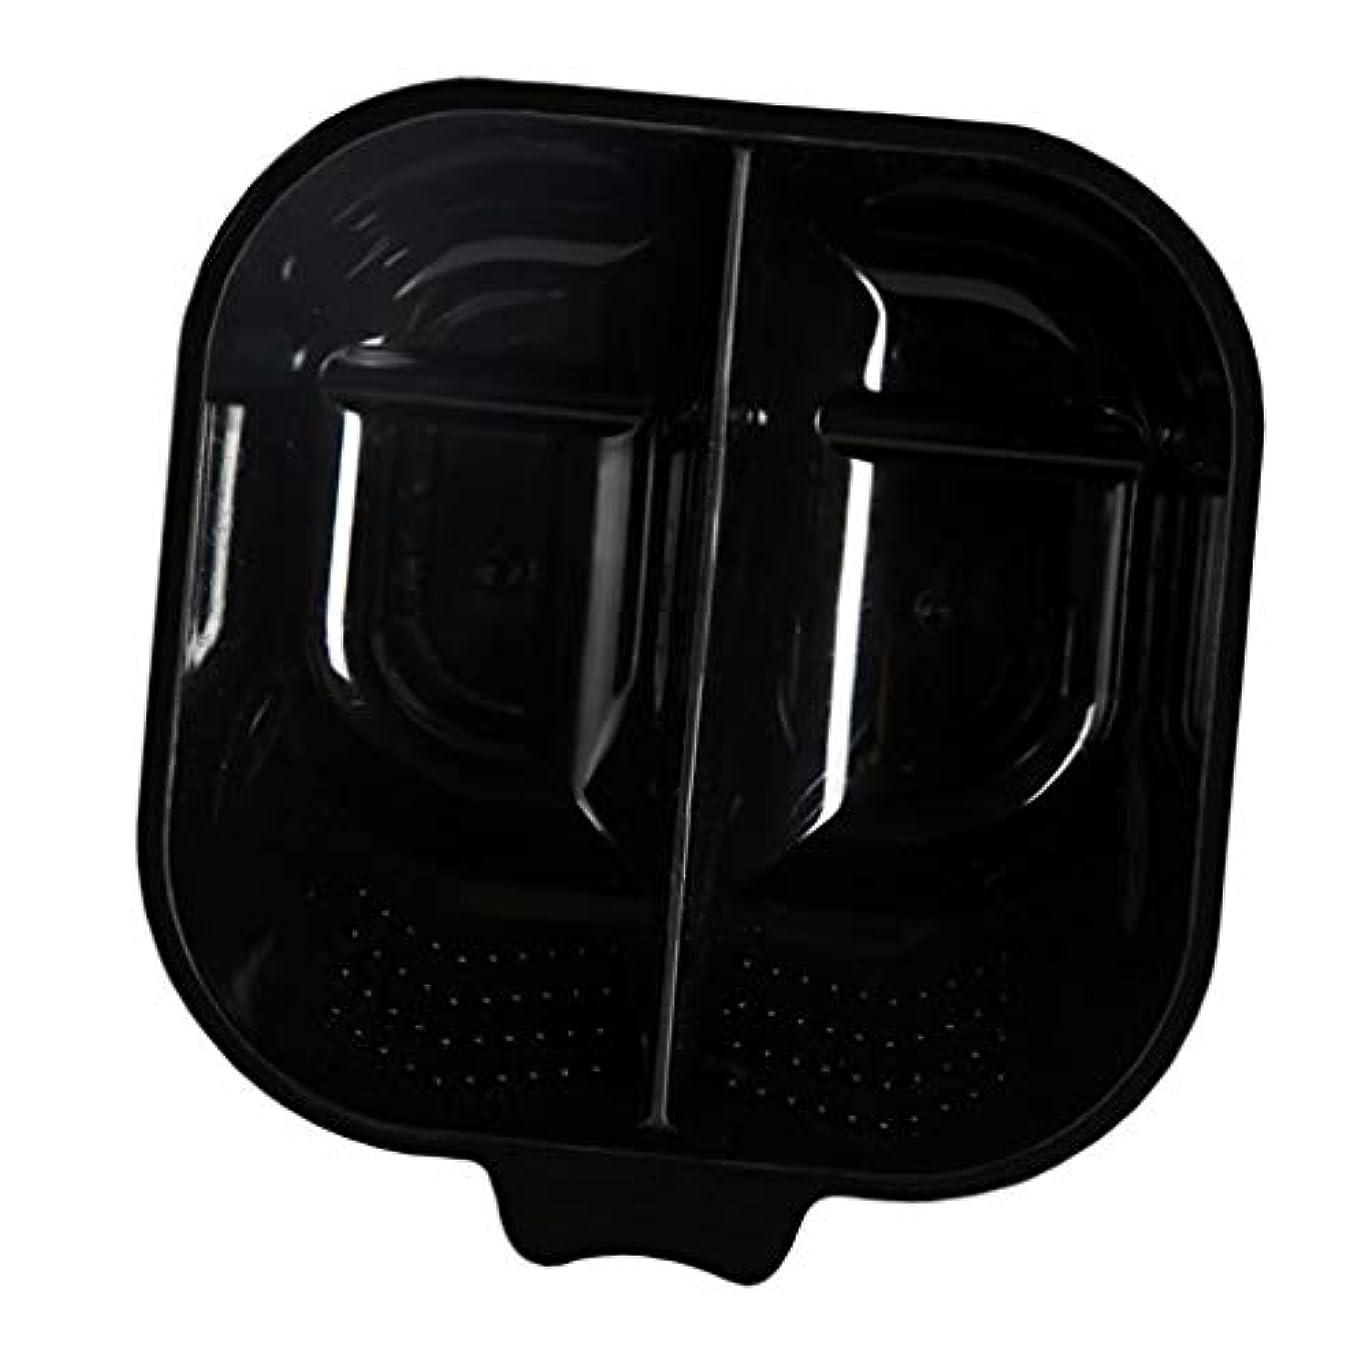 系譜ハチアイデアヘアカップ ヘアカラーボウル ヘアダイカップ 染料 混合ボール 滑り止め サロン 自宅 便利 全3色 - ブラック